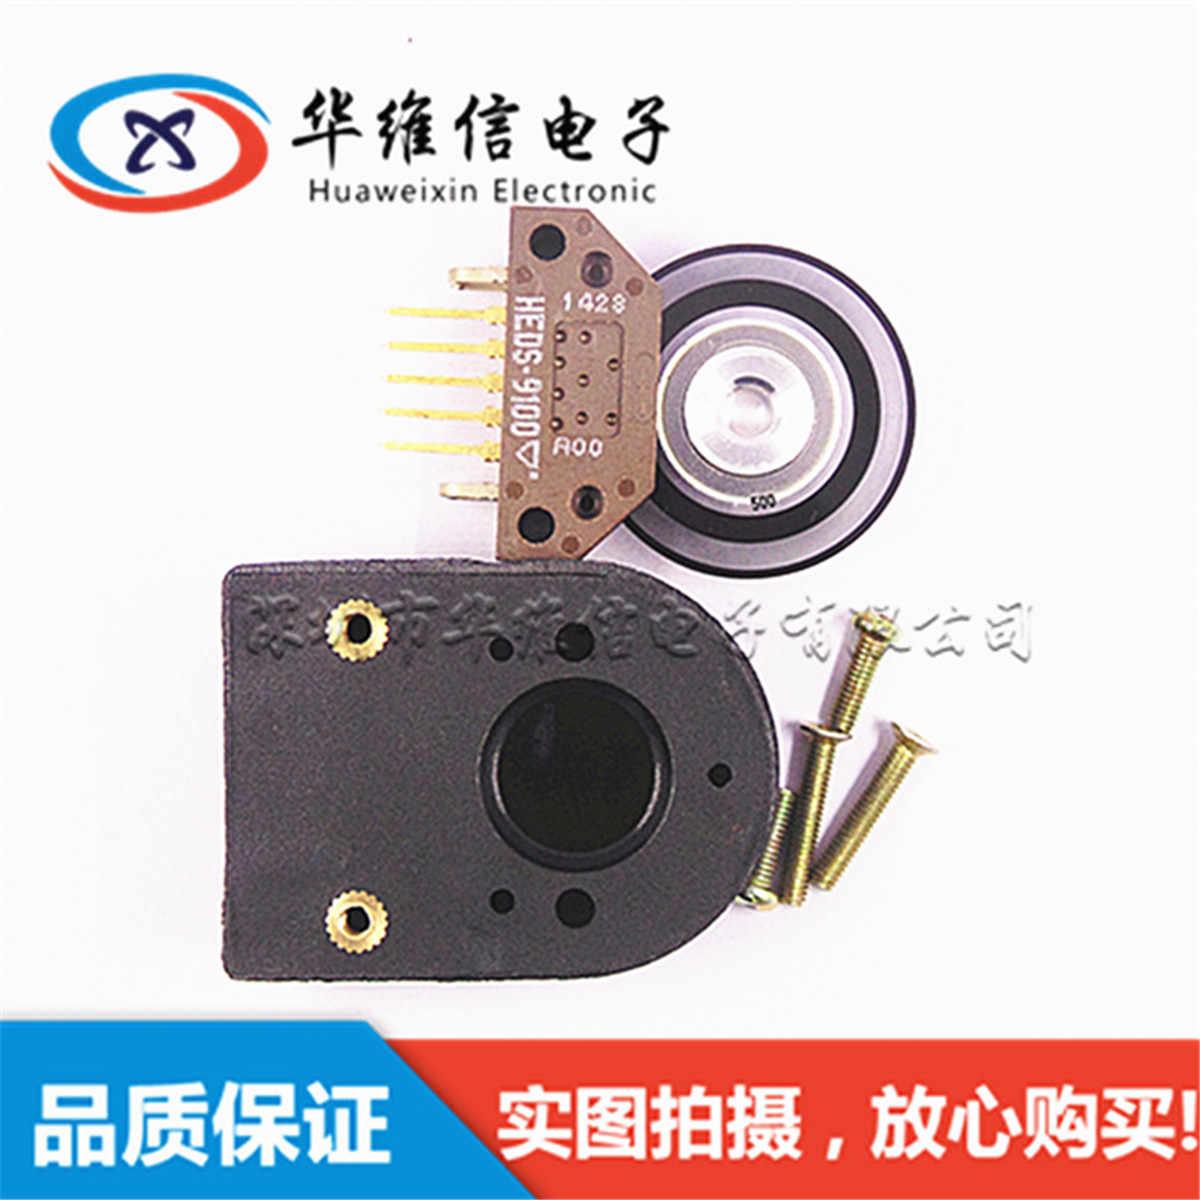 Codificador industrial HEDS-9100 # b00 two-channel 1000 linhas cabeça de leitura + disco código + habitação conjunto completo